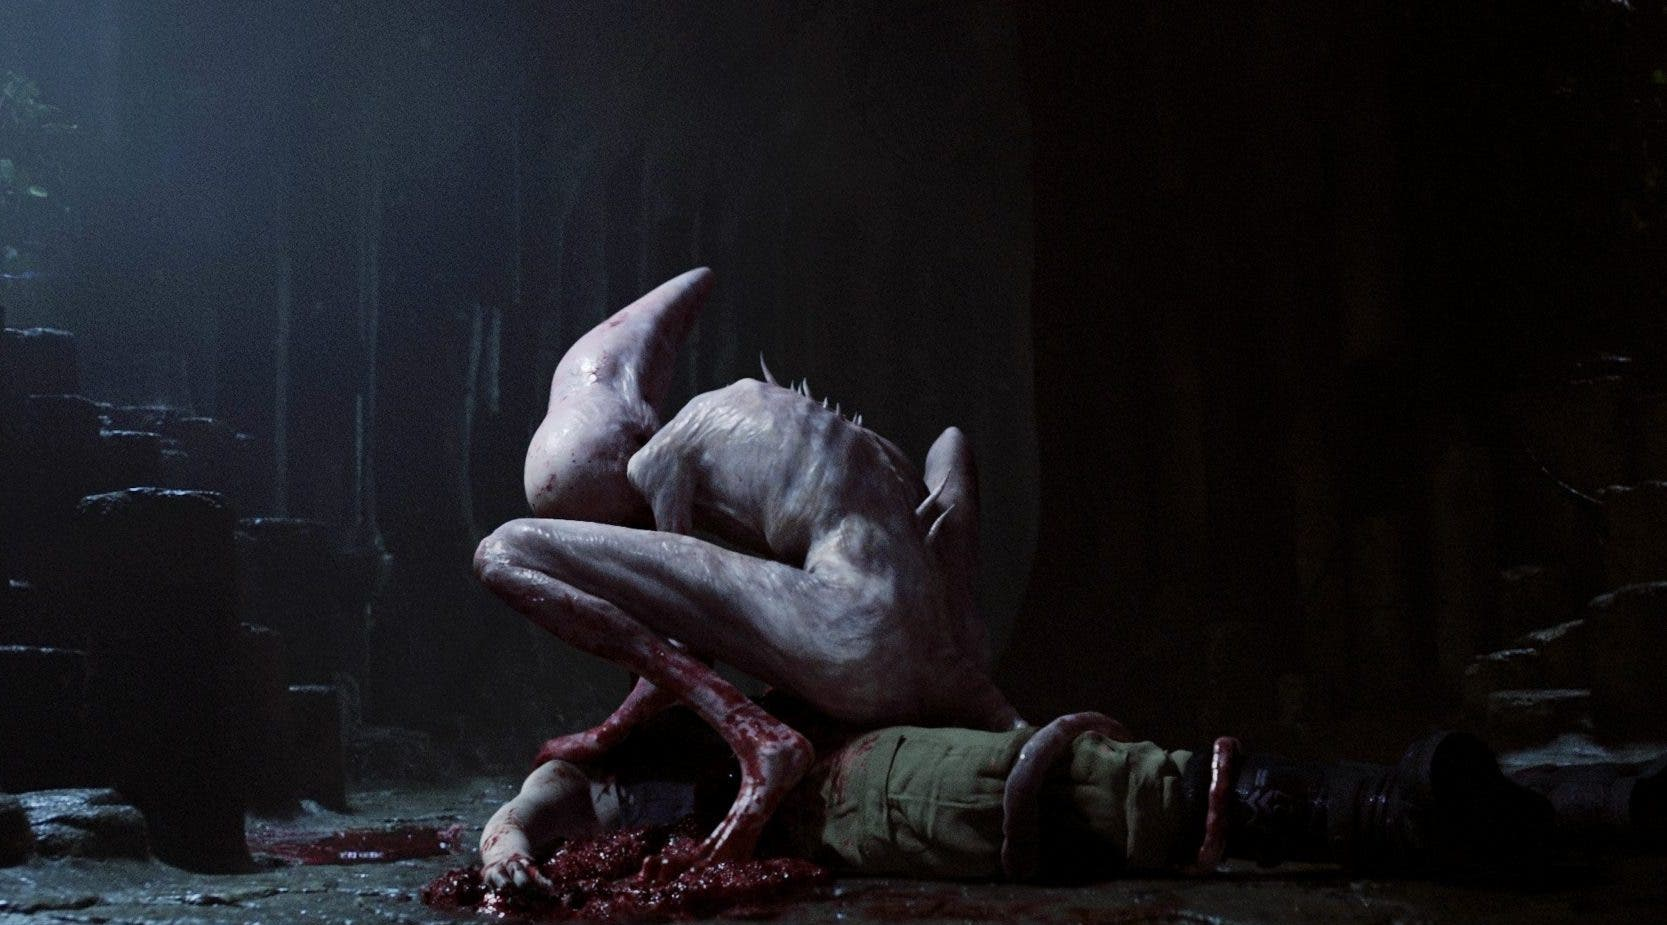 Imagen de Alien: Covenant recibe la máxima calificación por su violencia